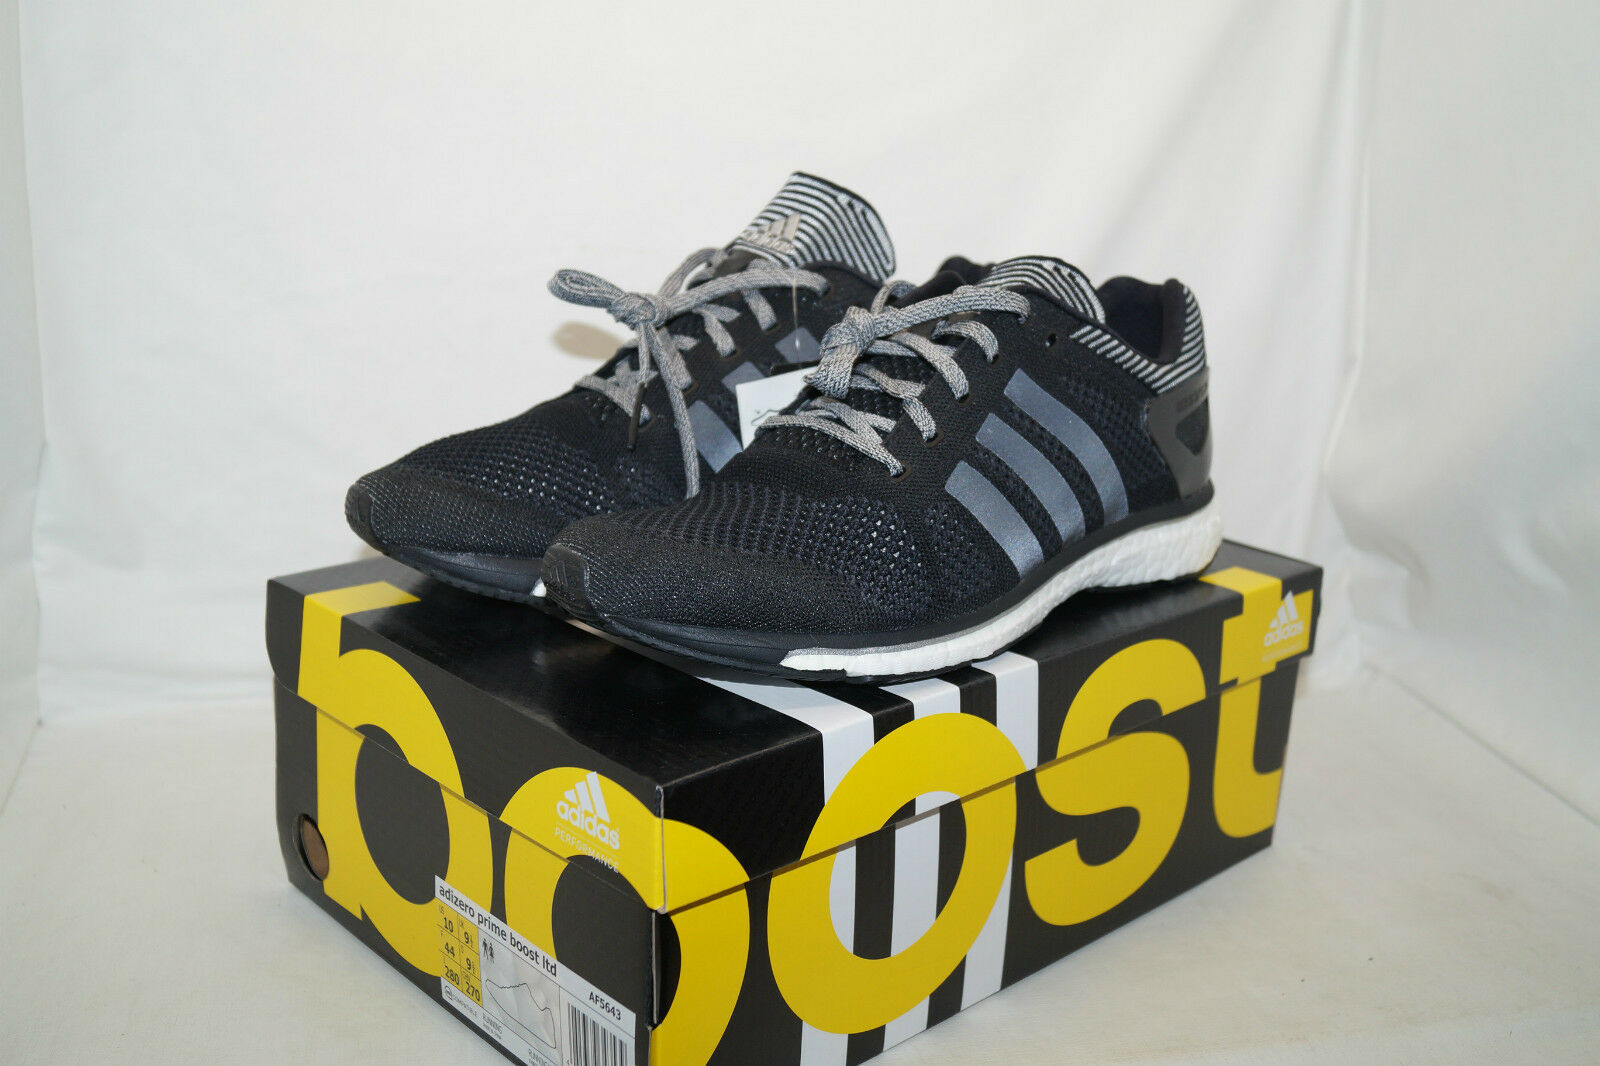 Adidas negro adizero prime aumentar Ltd 233/1267 GR 44 negro Adidas Weiss af5643 5a05fa